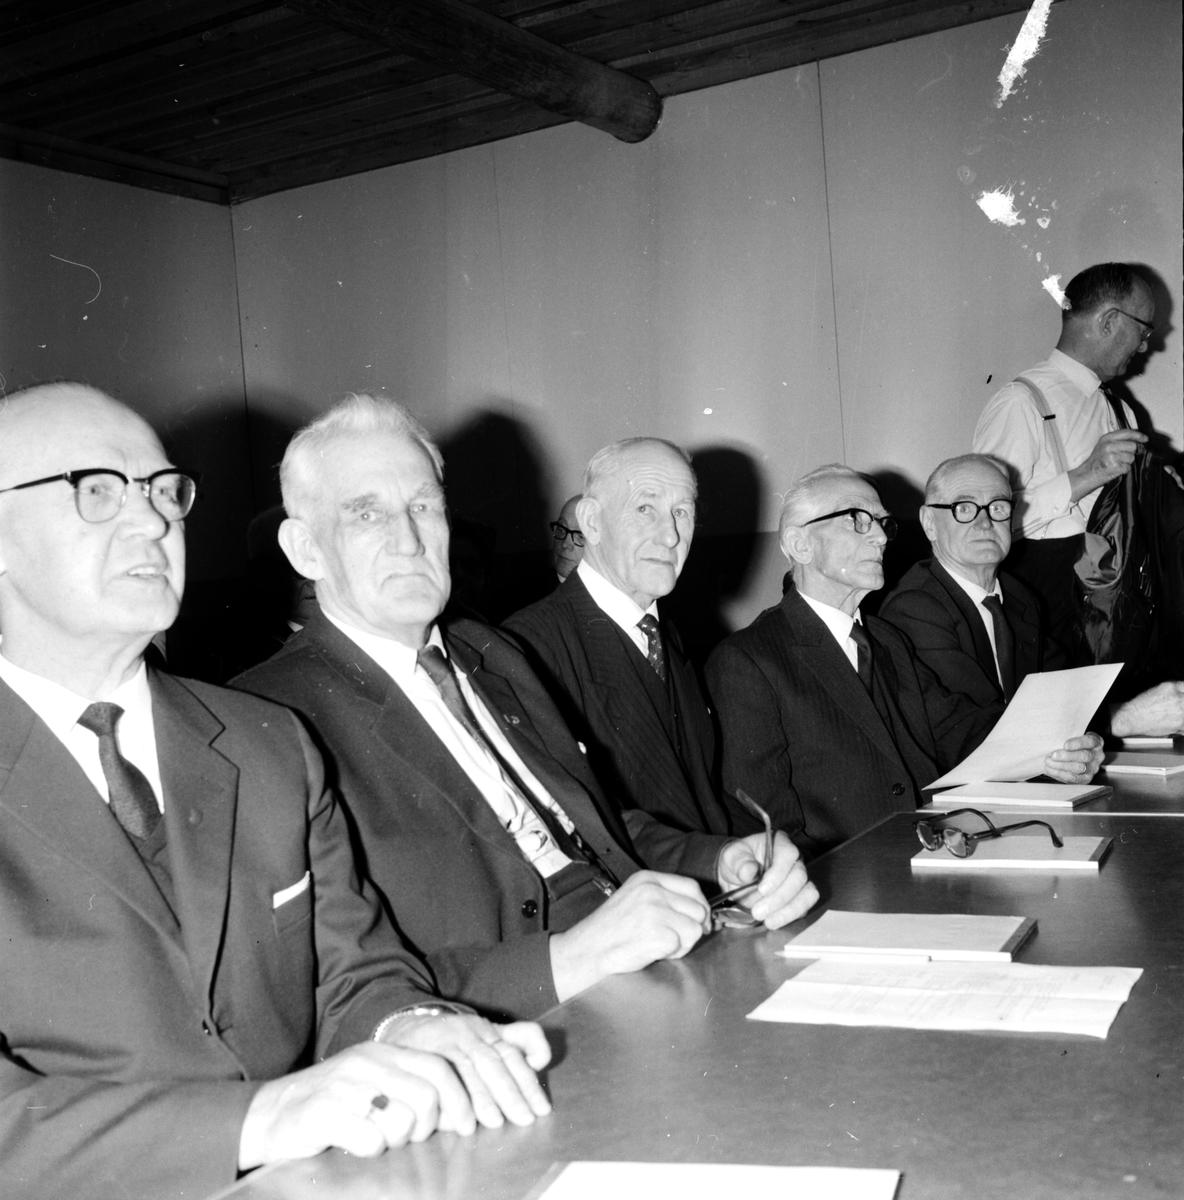 Folkpensionärer på kurs, på Bollegården, 22 Jan 1965